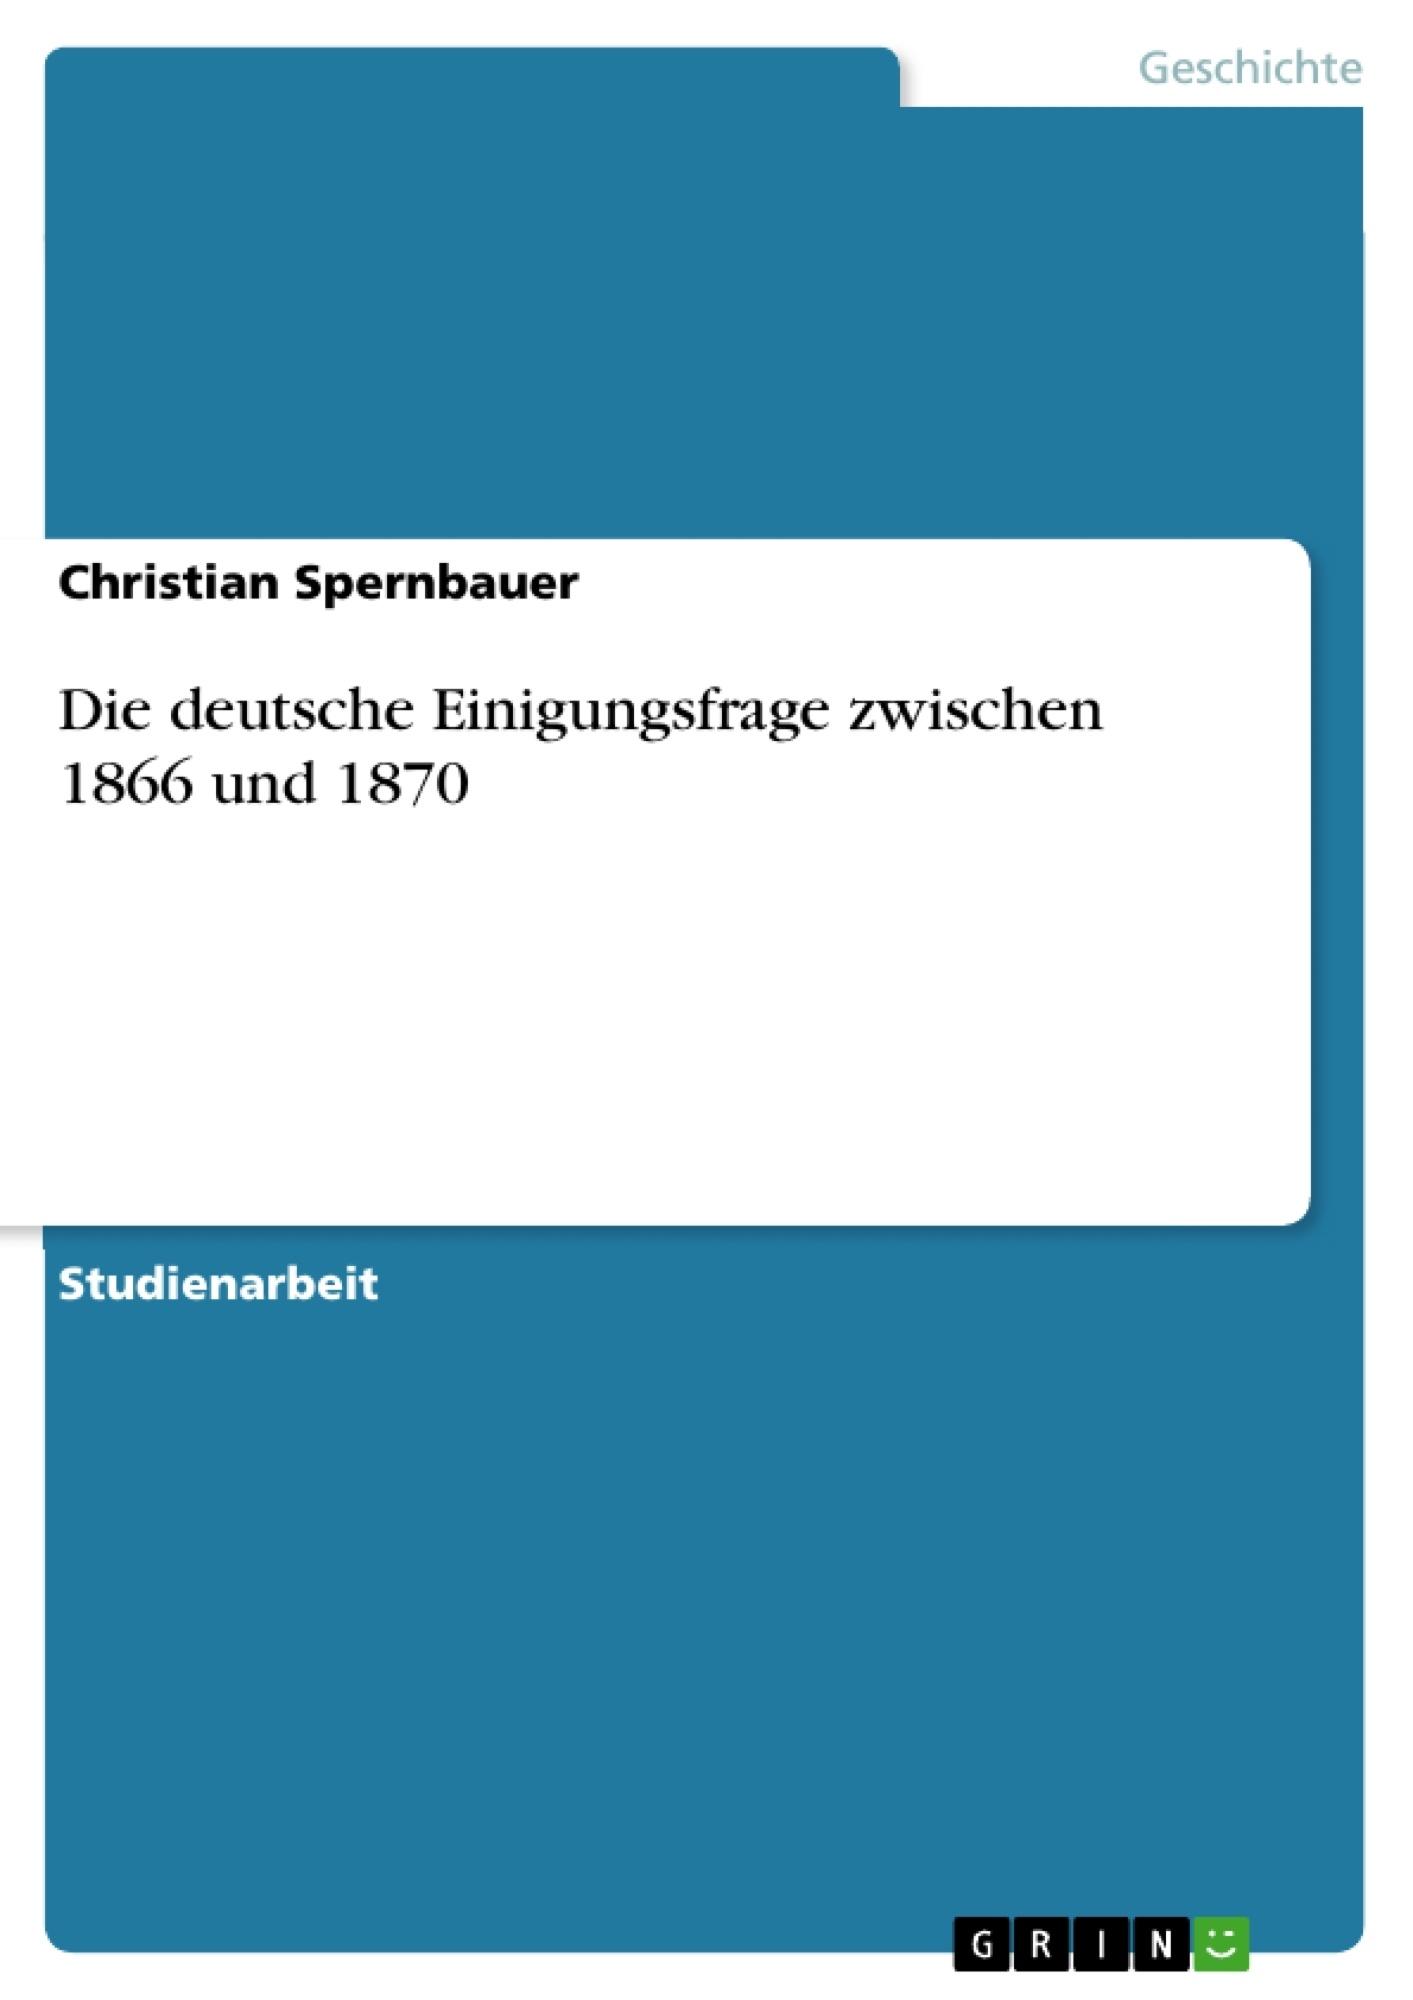 Titel: Die deutsche Einigungsfrage zwischen 1866 und 1870